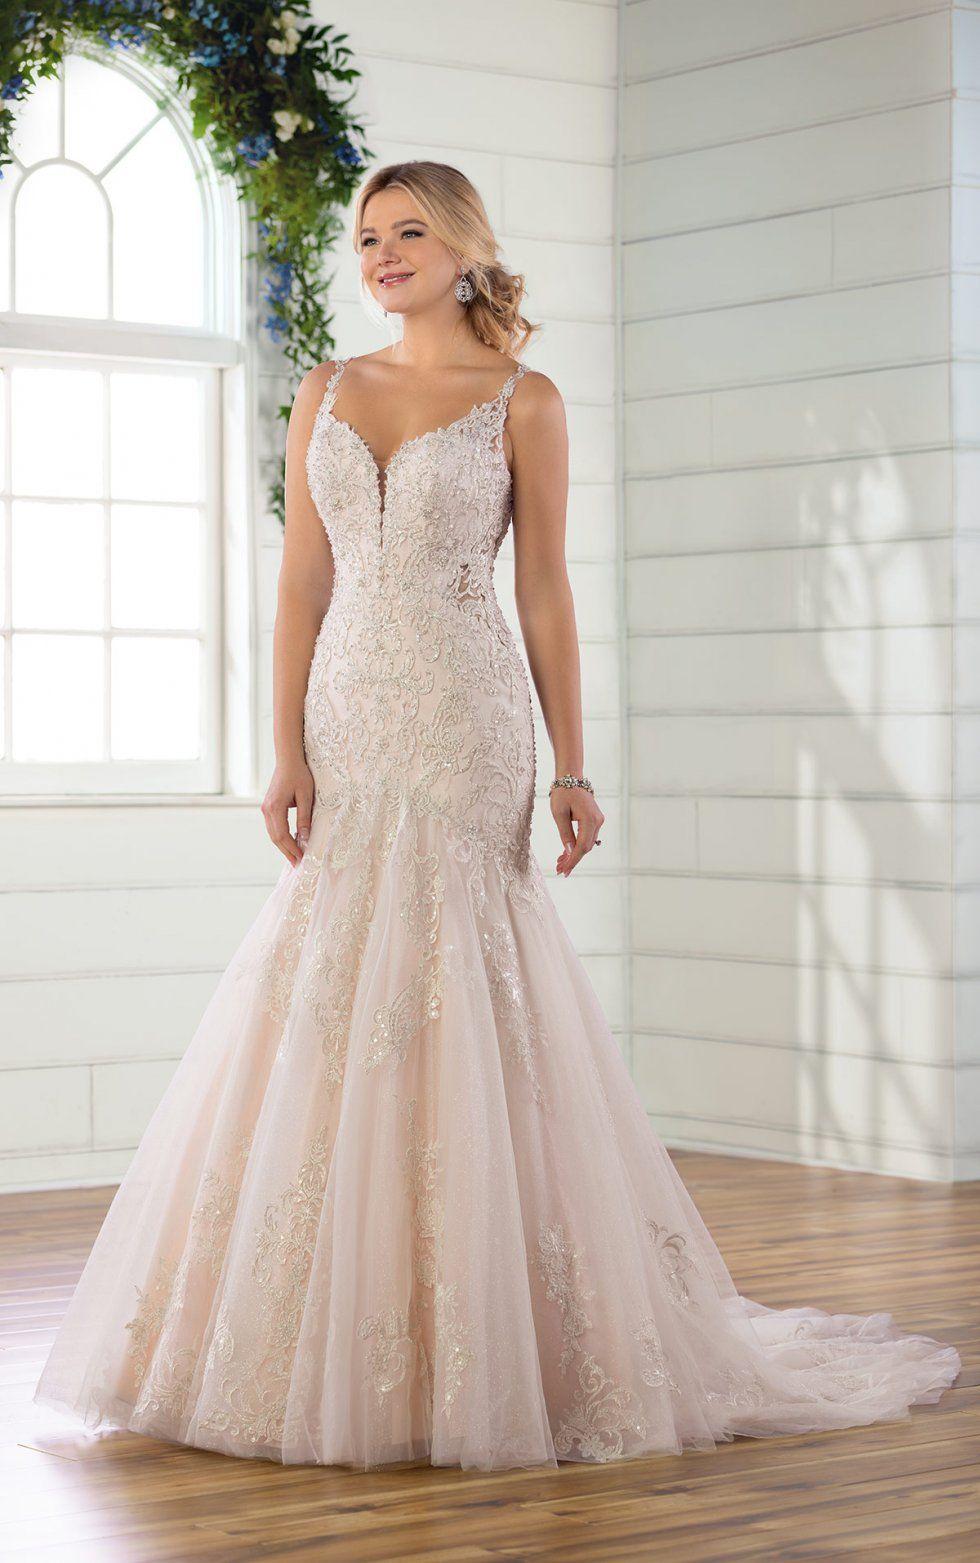 Glamorous mermaid wedding dress with keyhole back in